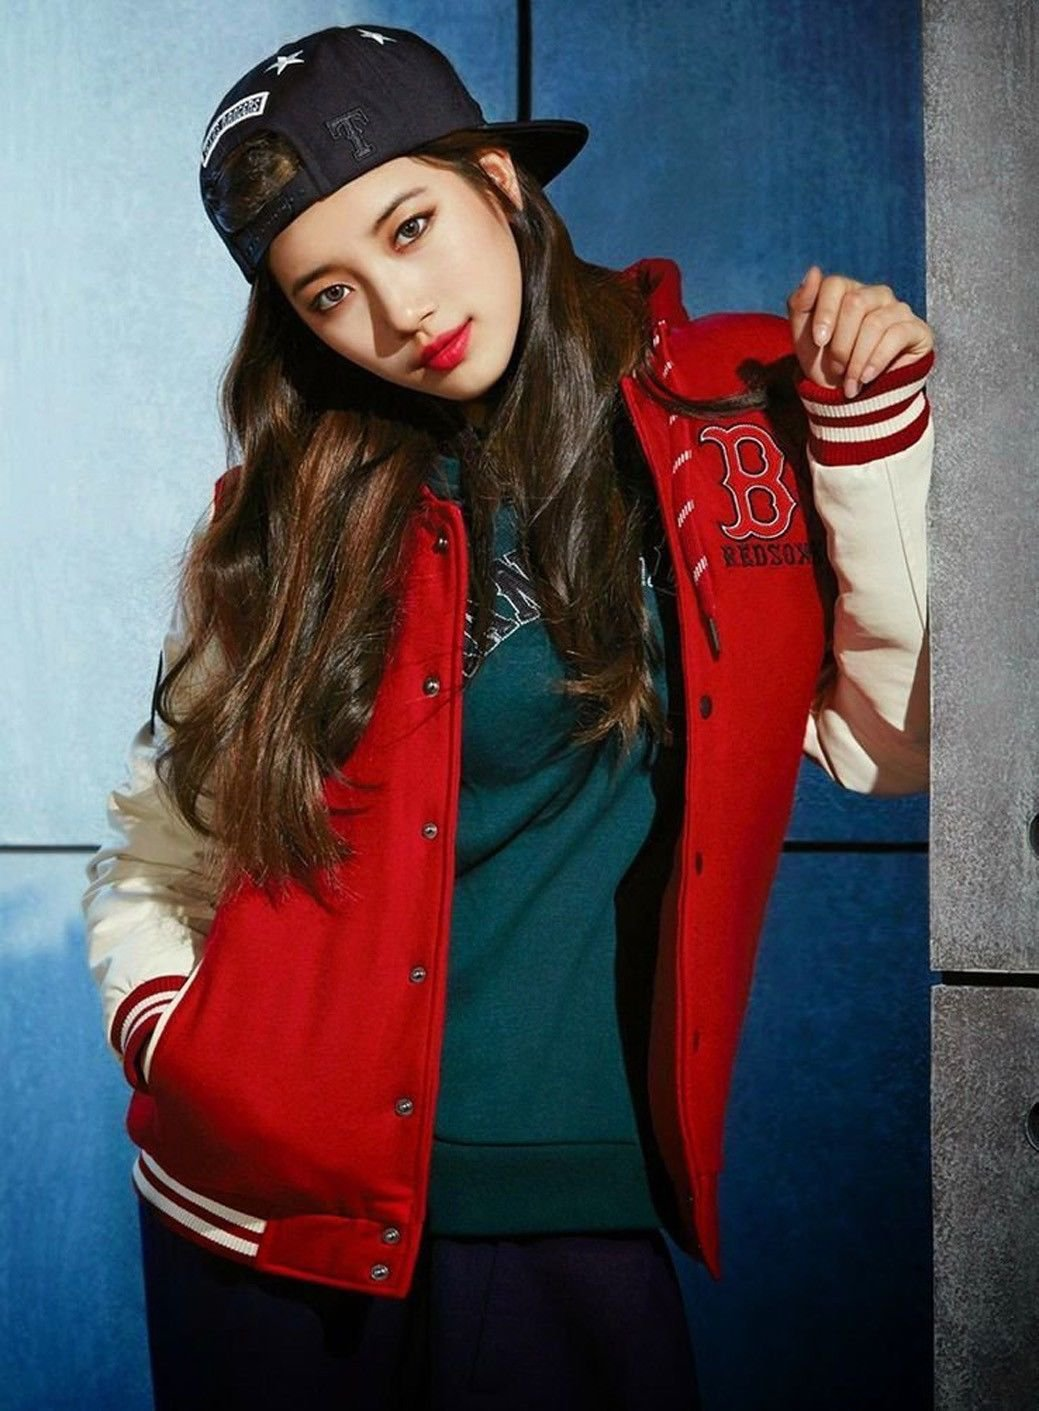 Suzy Bae Korean Actress Art 32x24 Poster Decor